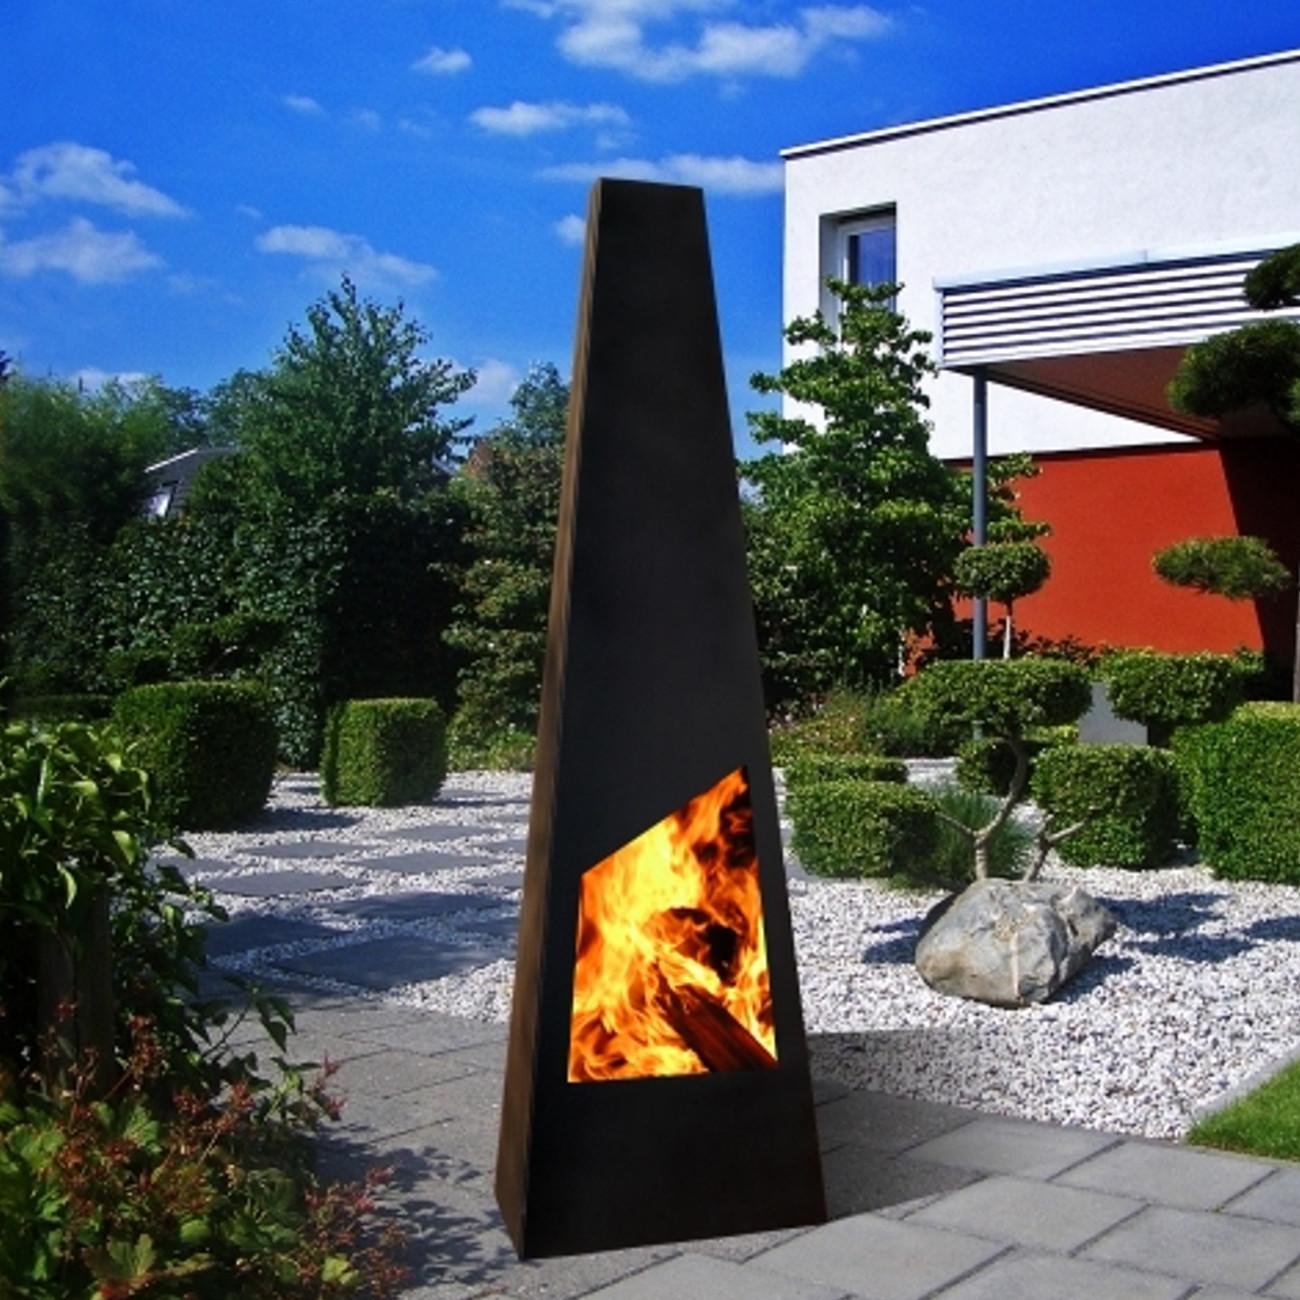 Outdoor Garten Kamin Nevados Gartenkamine Und Feuerschalen Outdoor Derofenfuchs Kamin Und Energiestudio